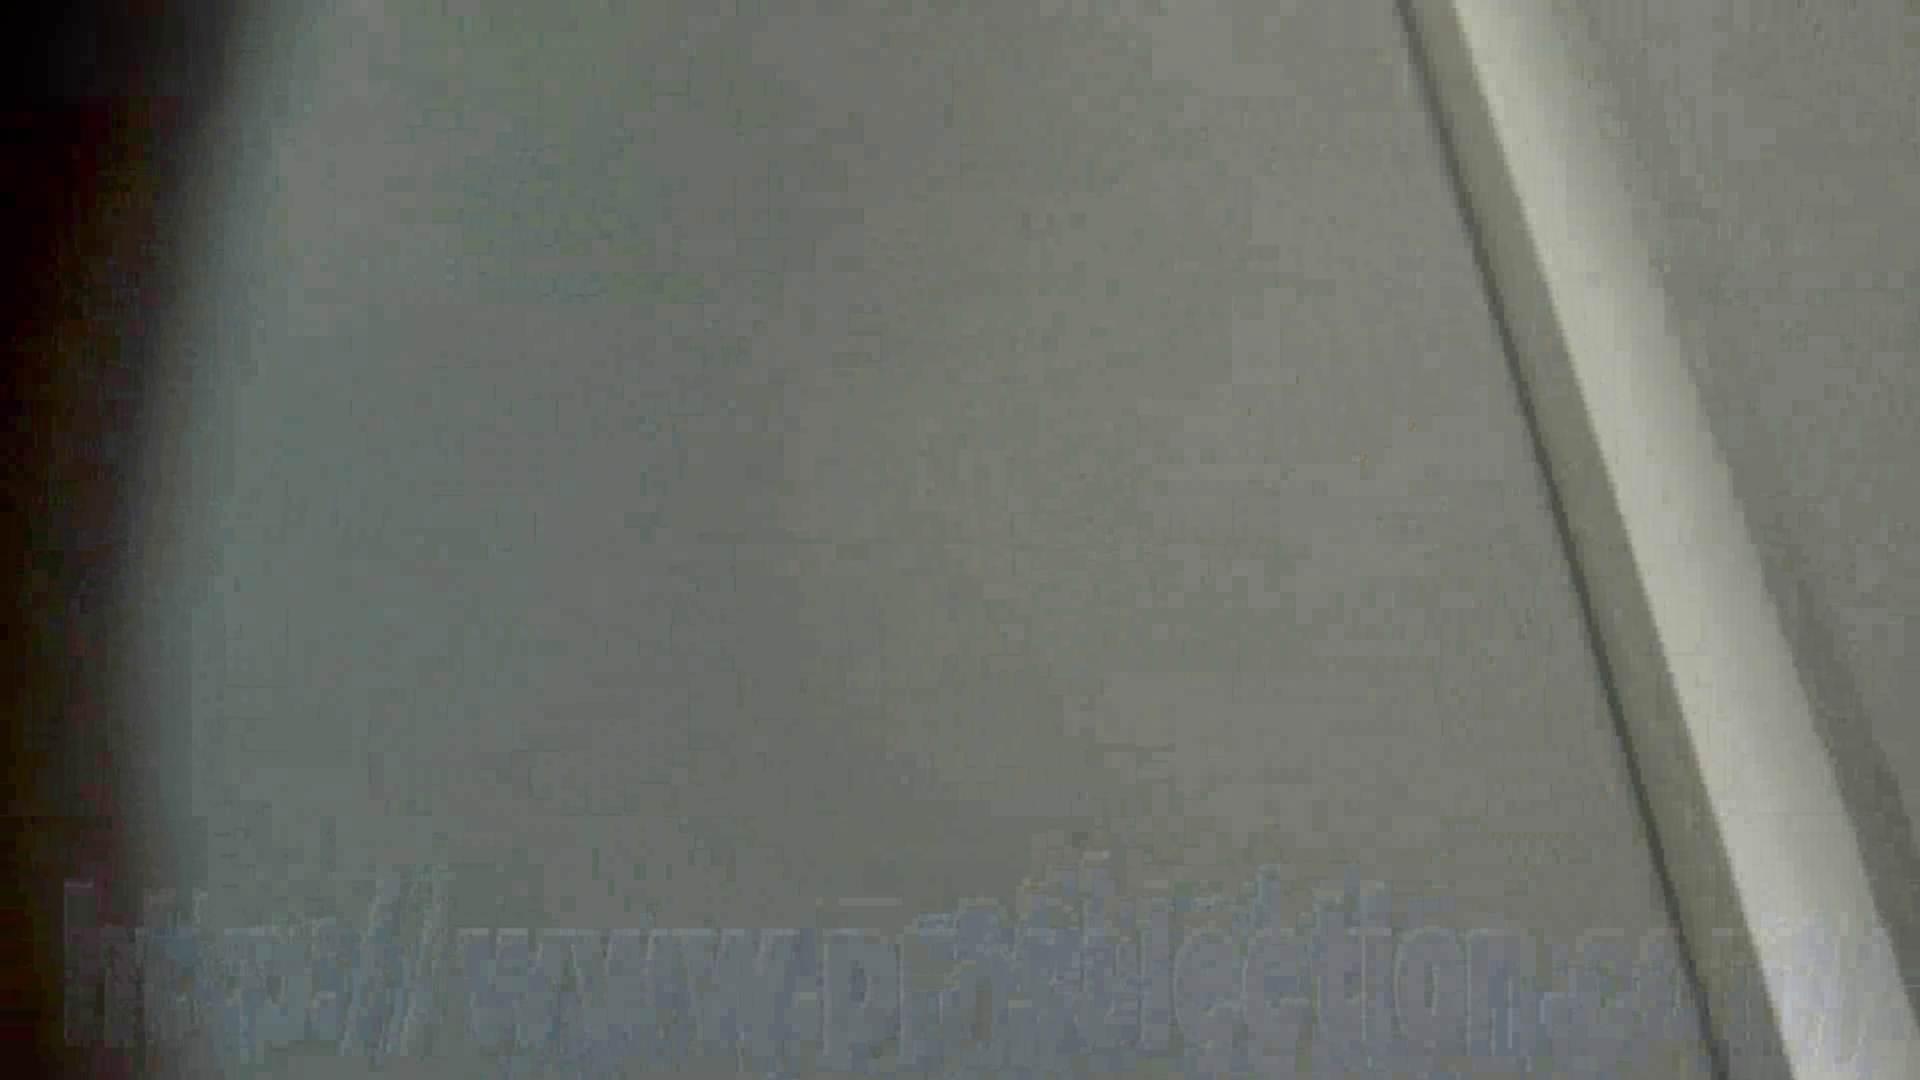 なんだこれ!! Vol.08 遂に美女登場!! 潜入突撃 ワレメ動画紹介 101pic 59